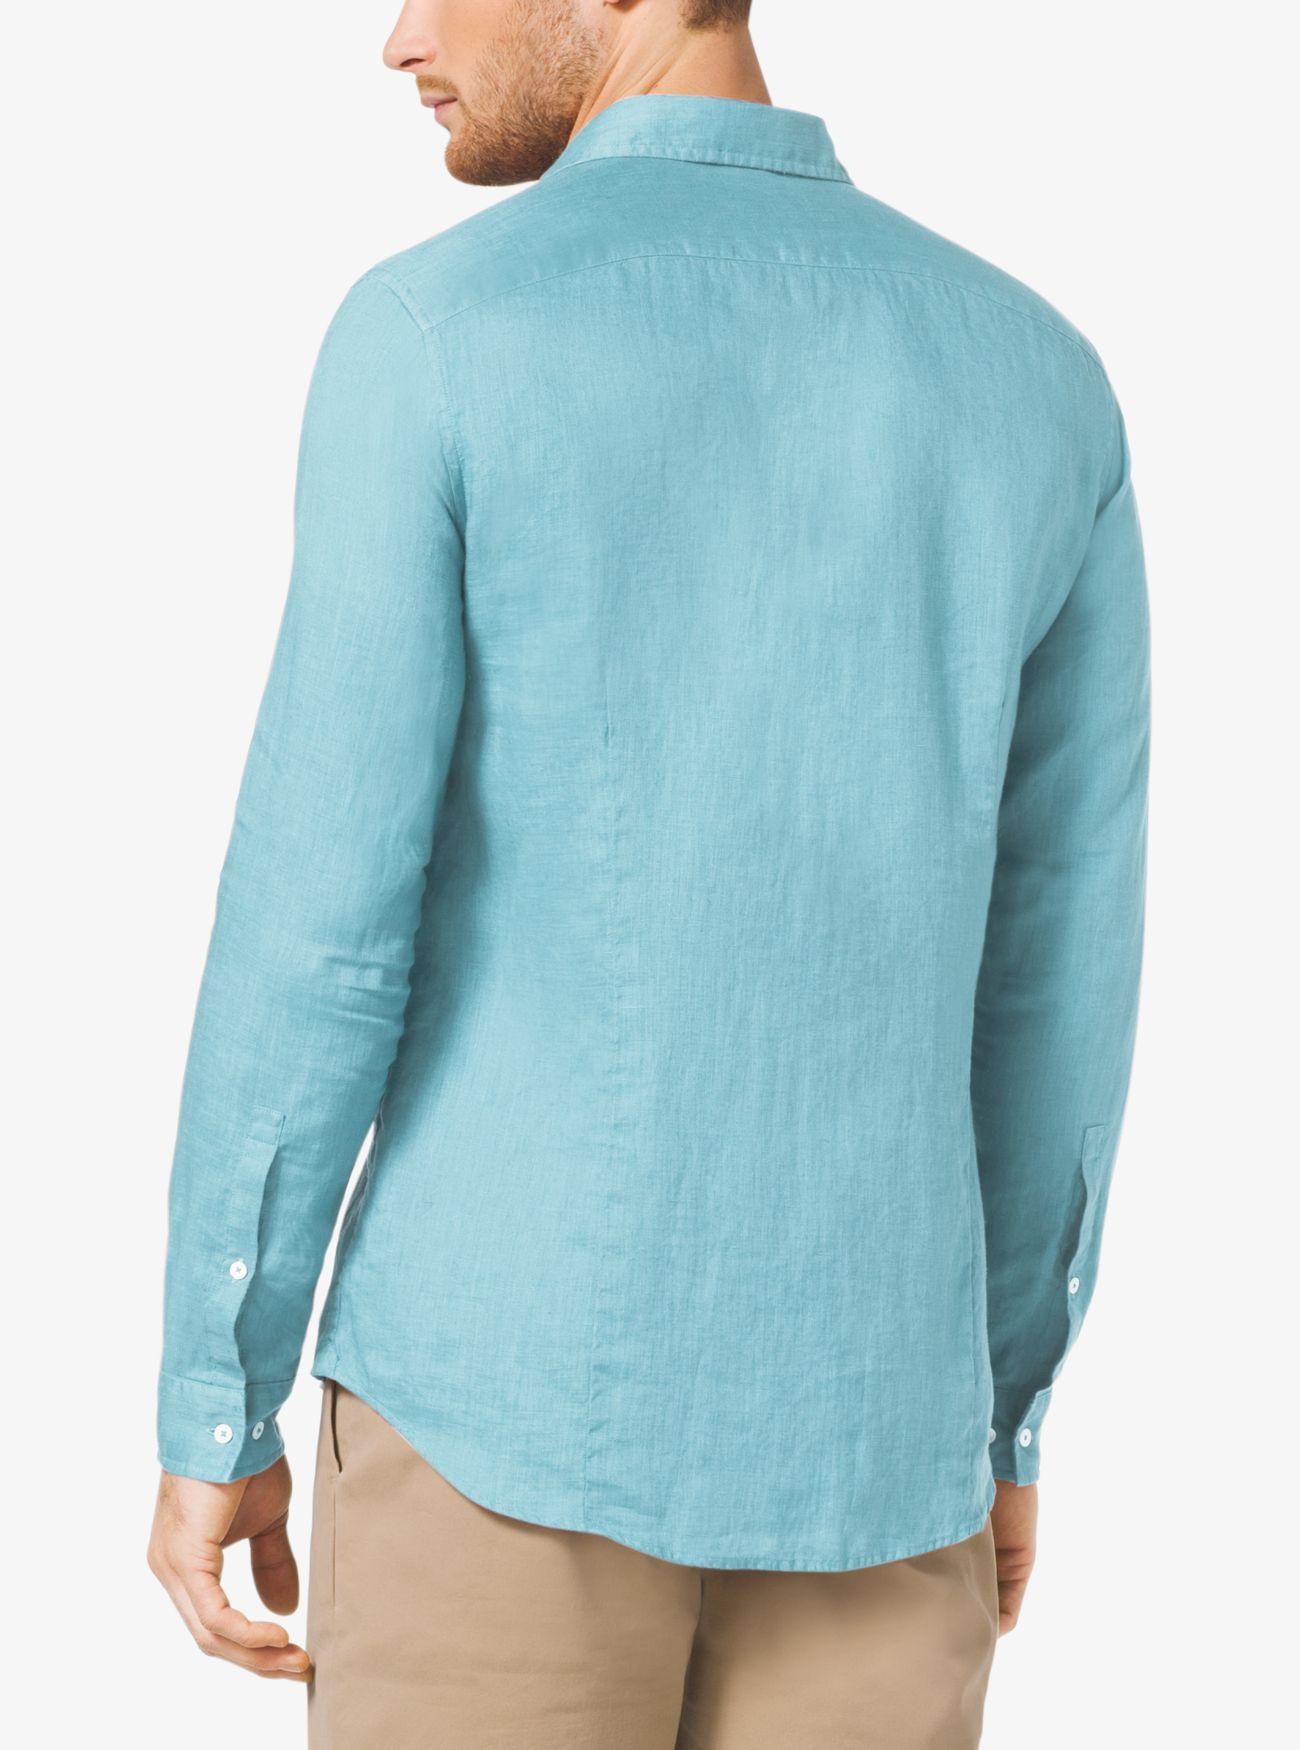 Michael Kors Slim-fit Linen Shirt in Blue for Men